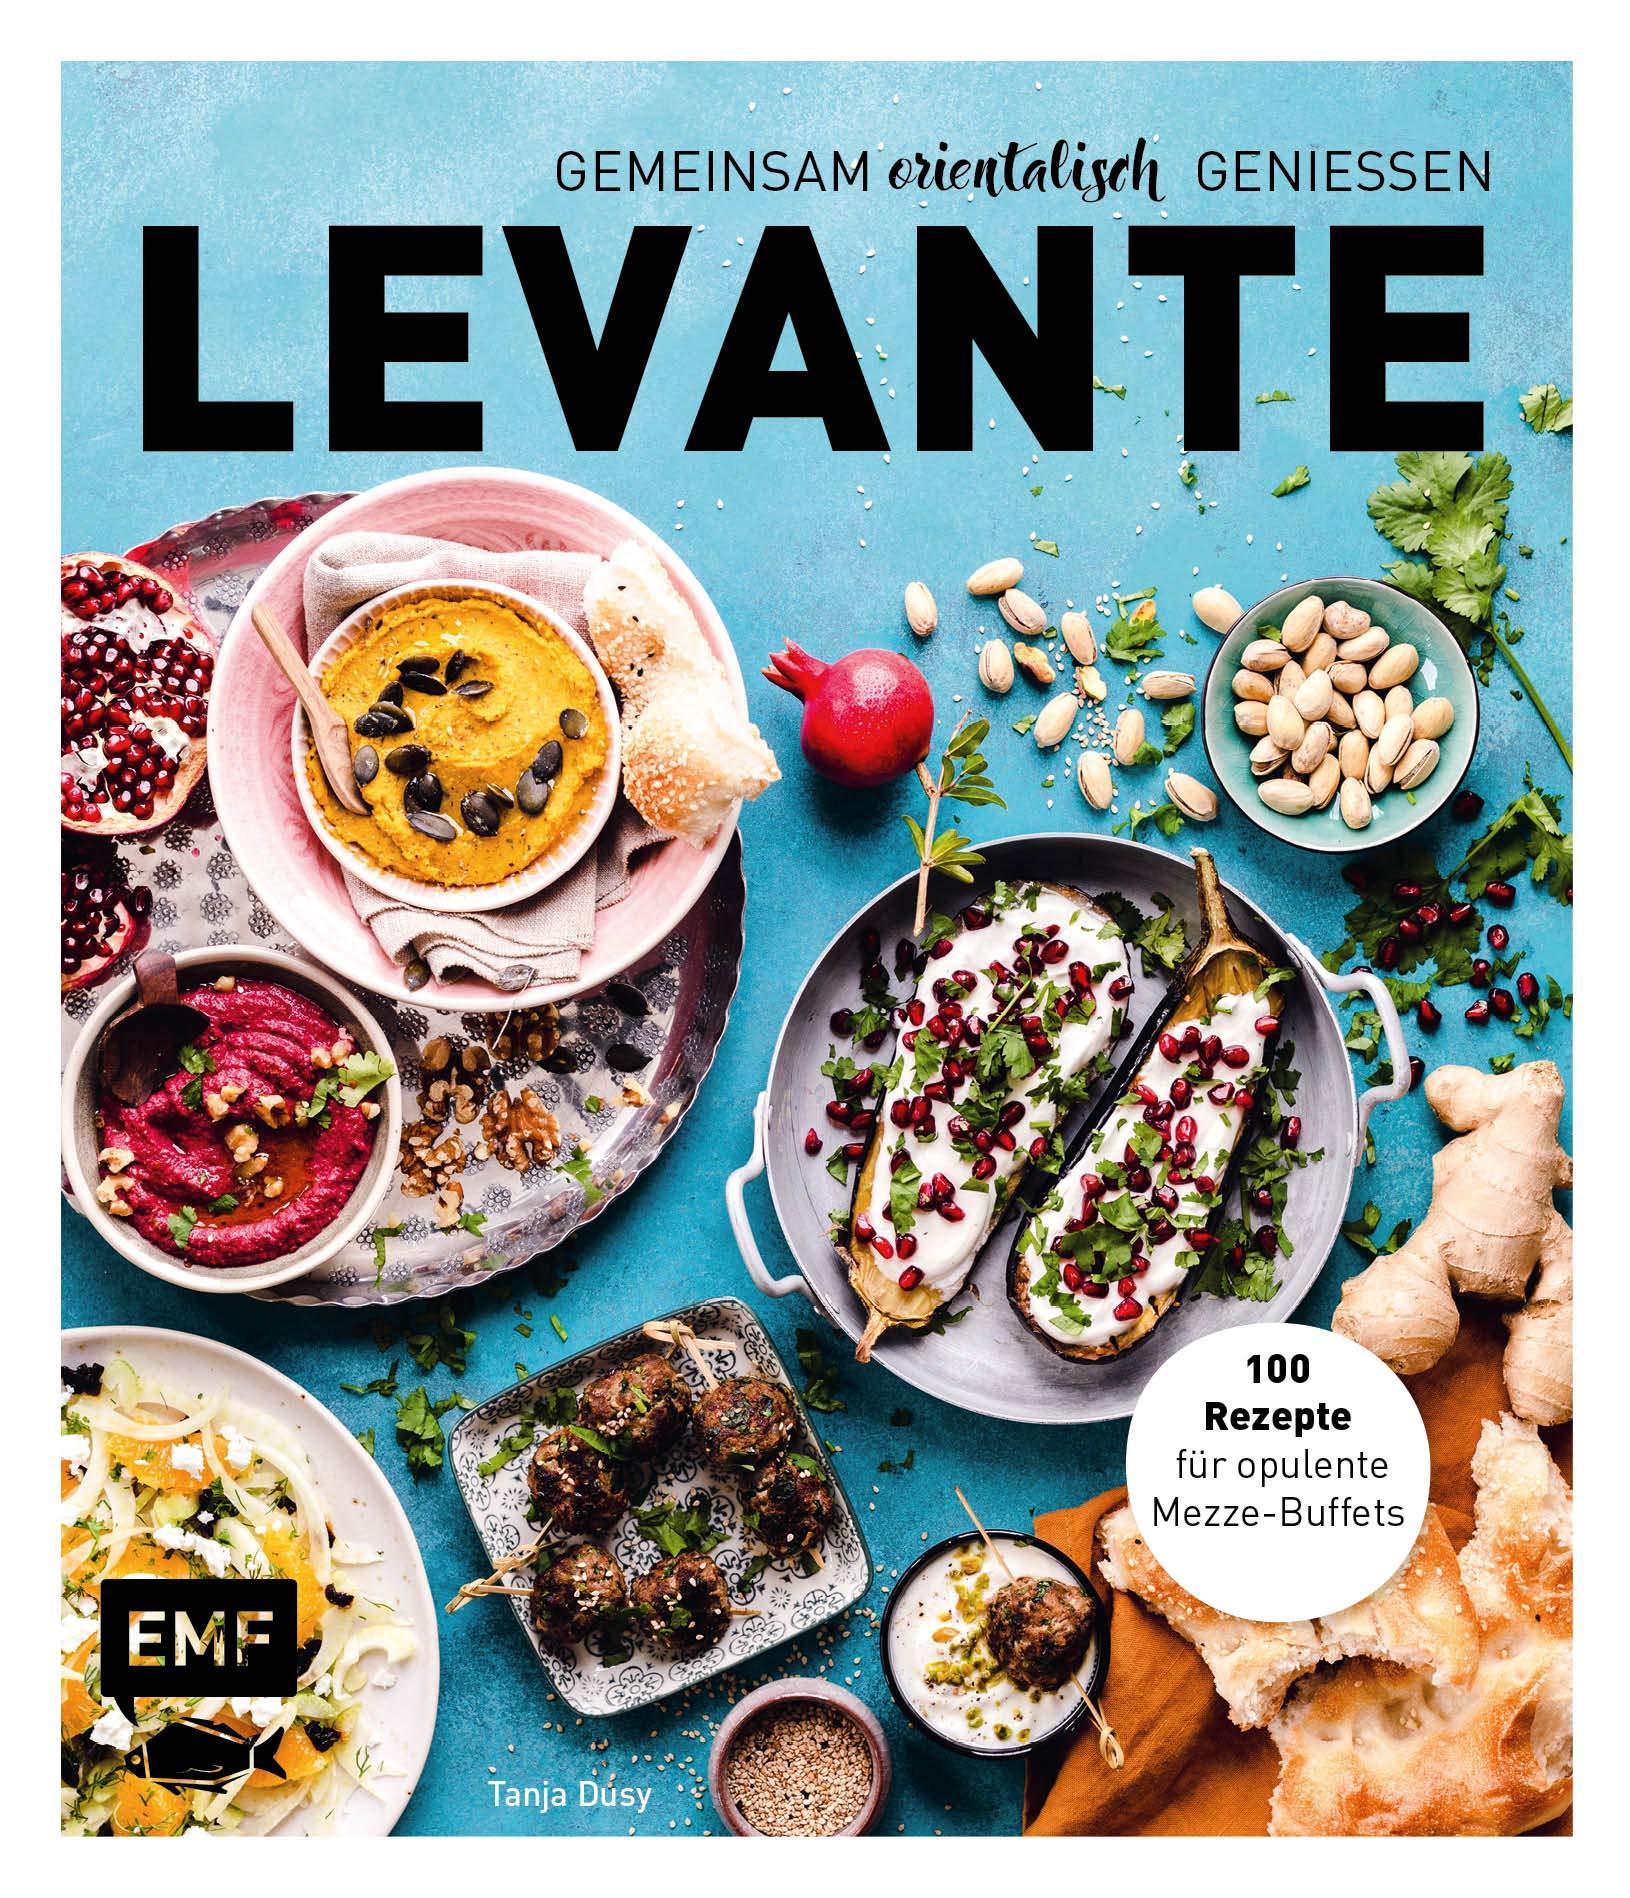 Levante – Gemeinsam Orientalisch Genießen  100 Rezepte Für Opulente Mezze Buffets